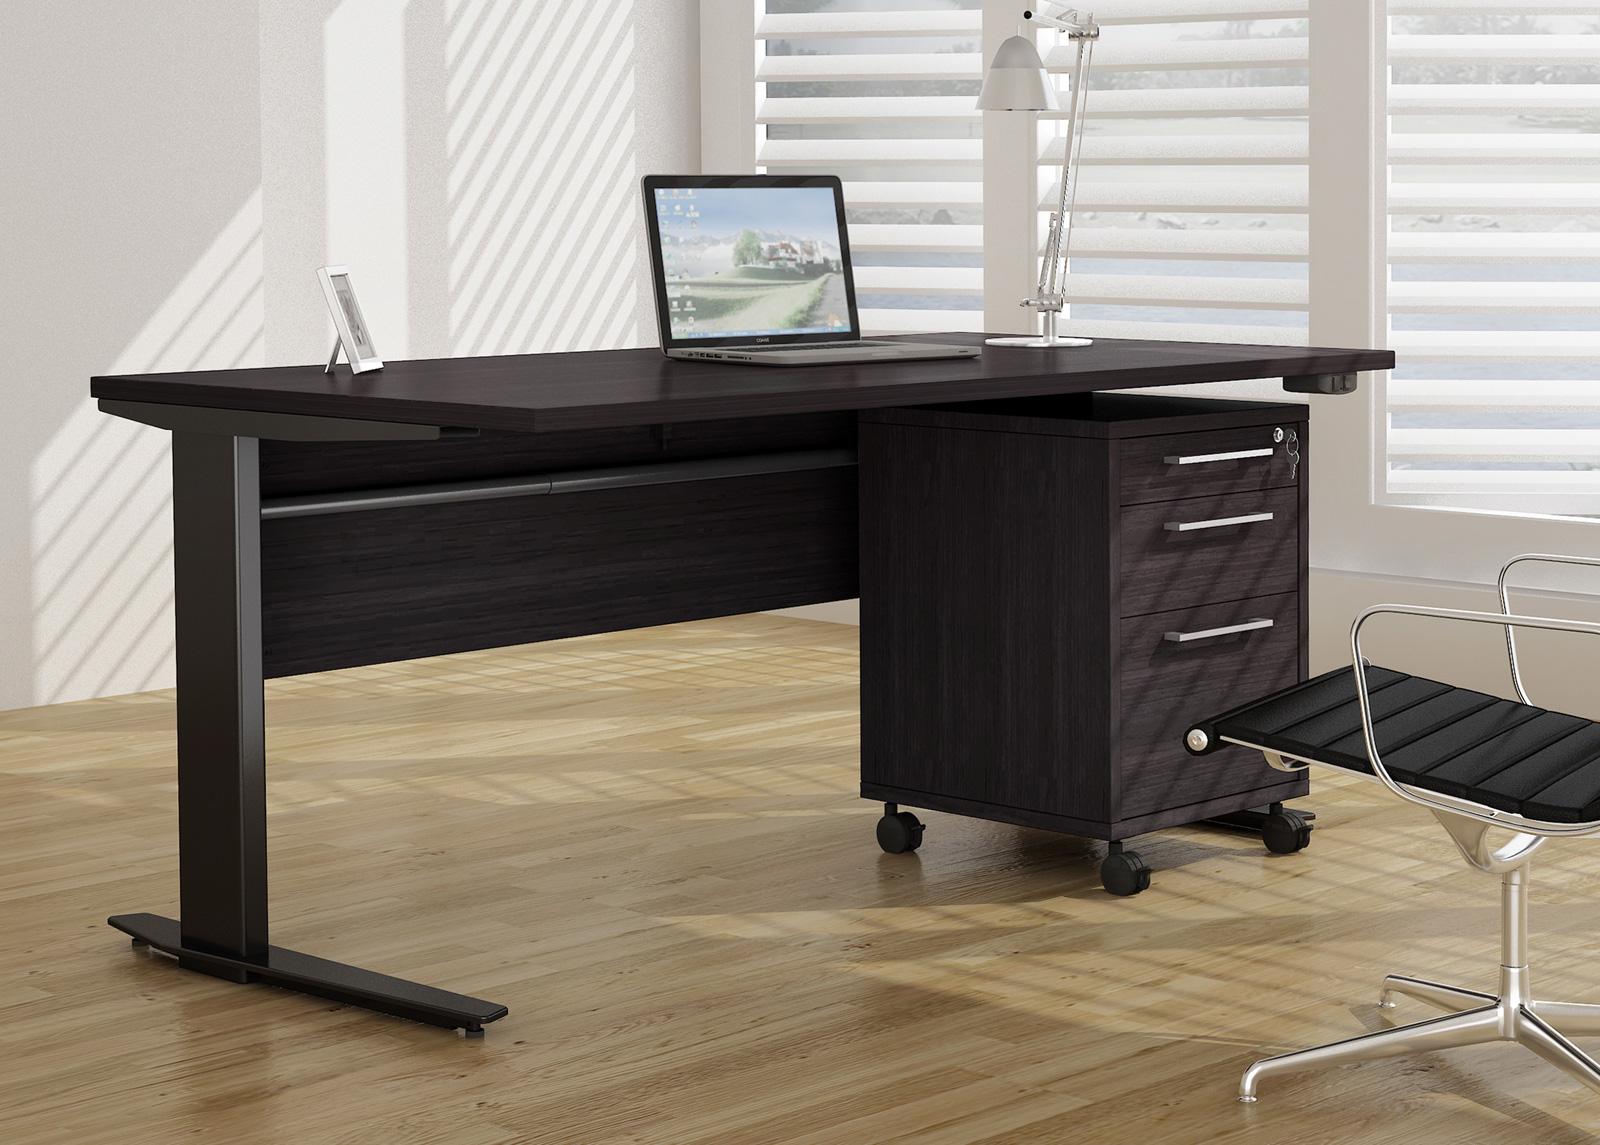 Työpöytä+laatikosto PRIMA sähkö korkeudensäädöllä